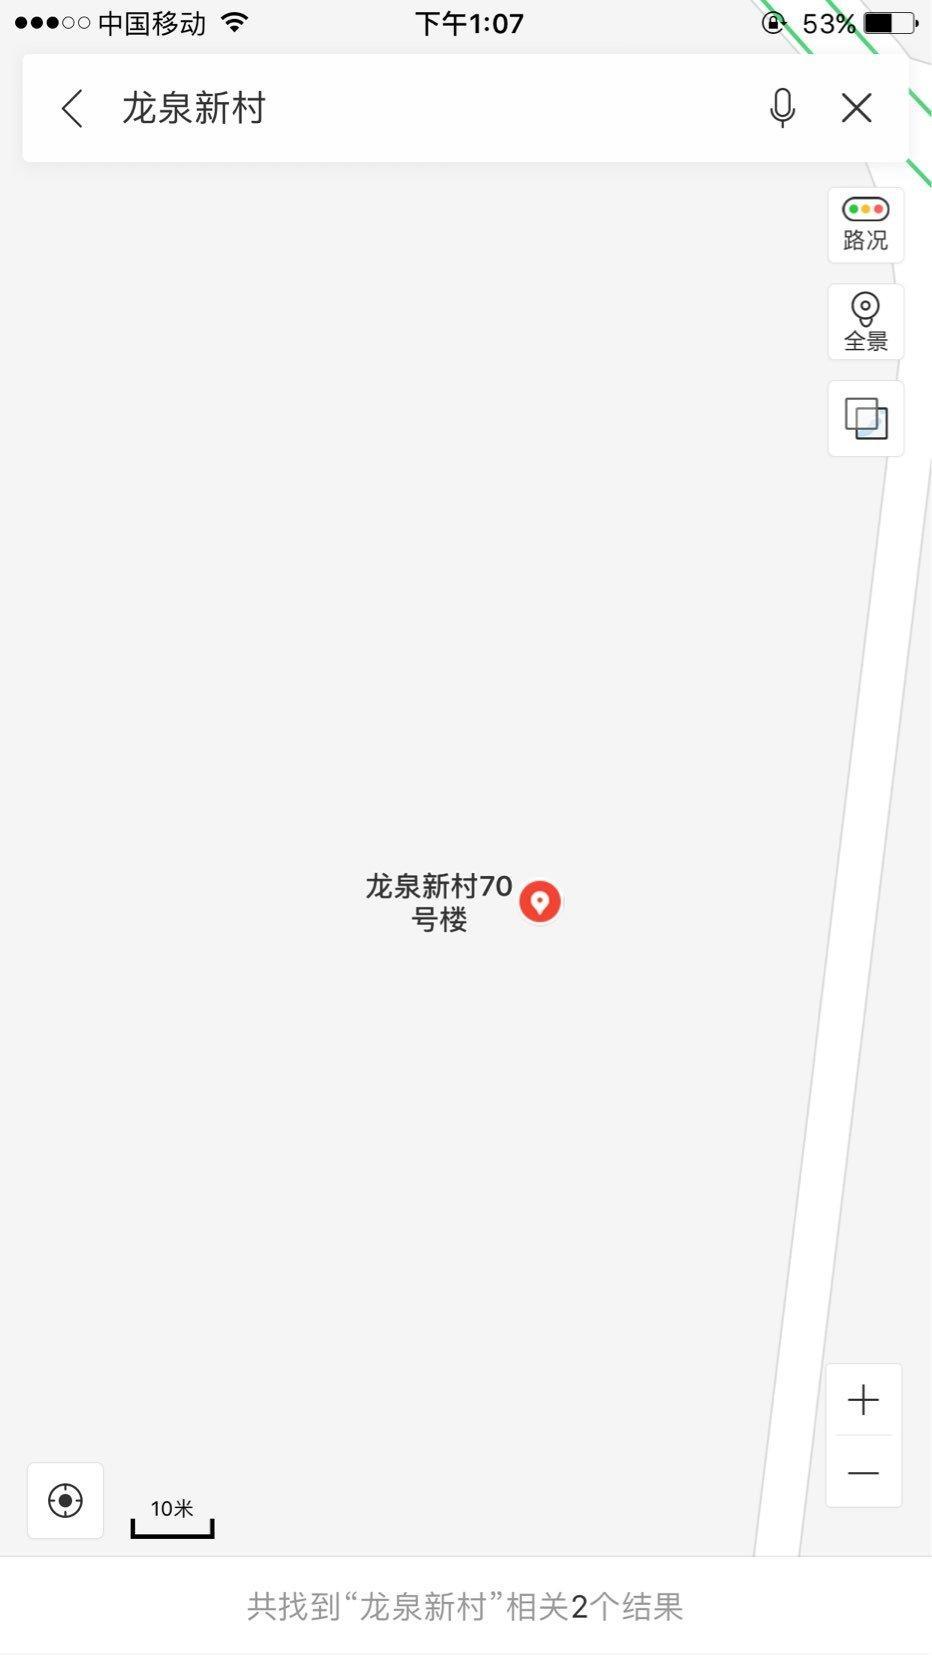 龙泉新村(原图管局家属院)3室1厅1卫